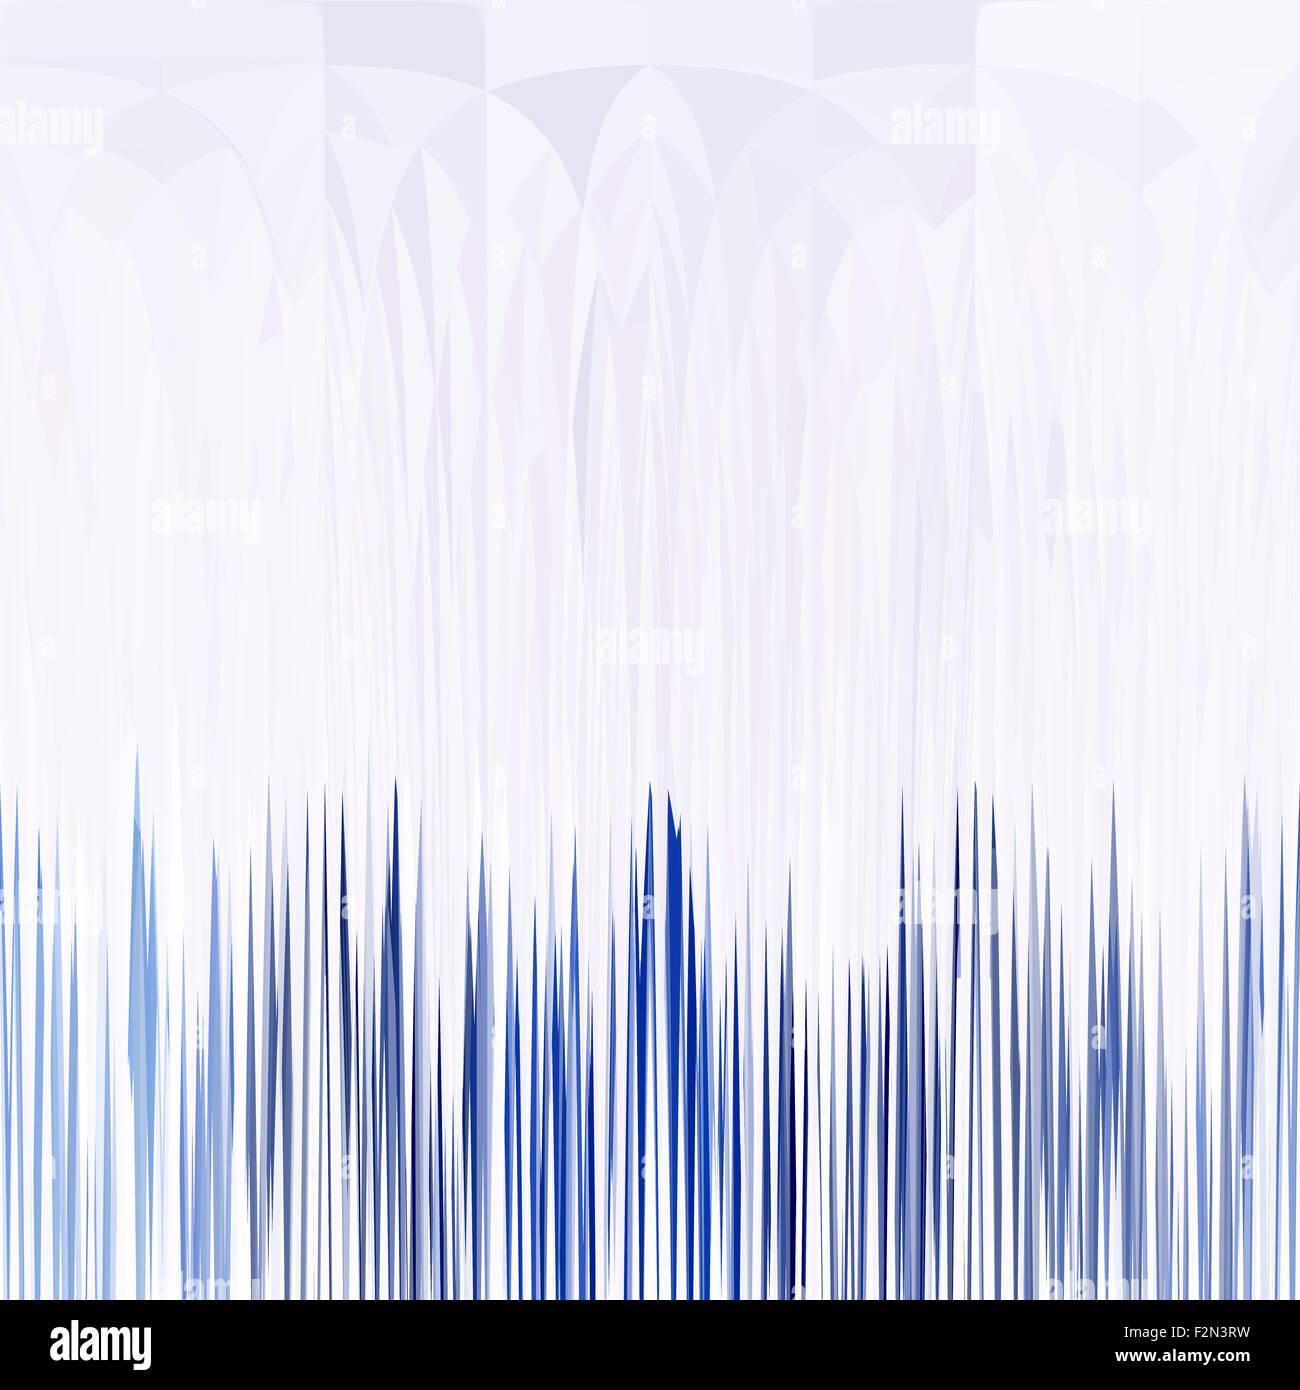 Resumen fondo simple de patrones y formas Imagen De Stock